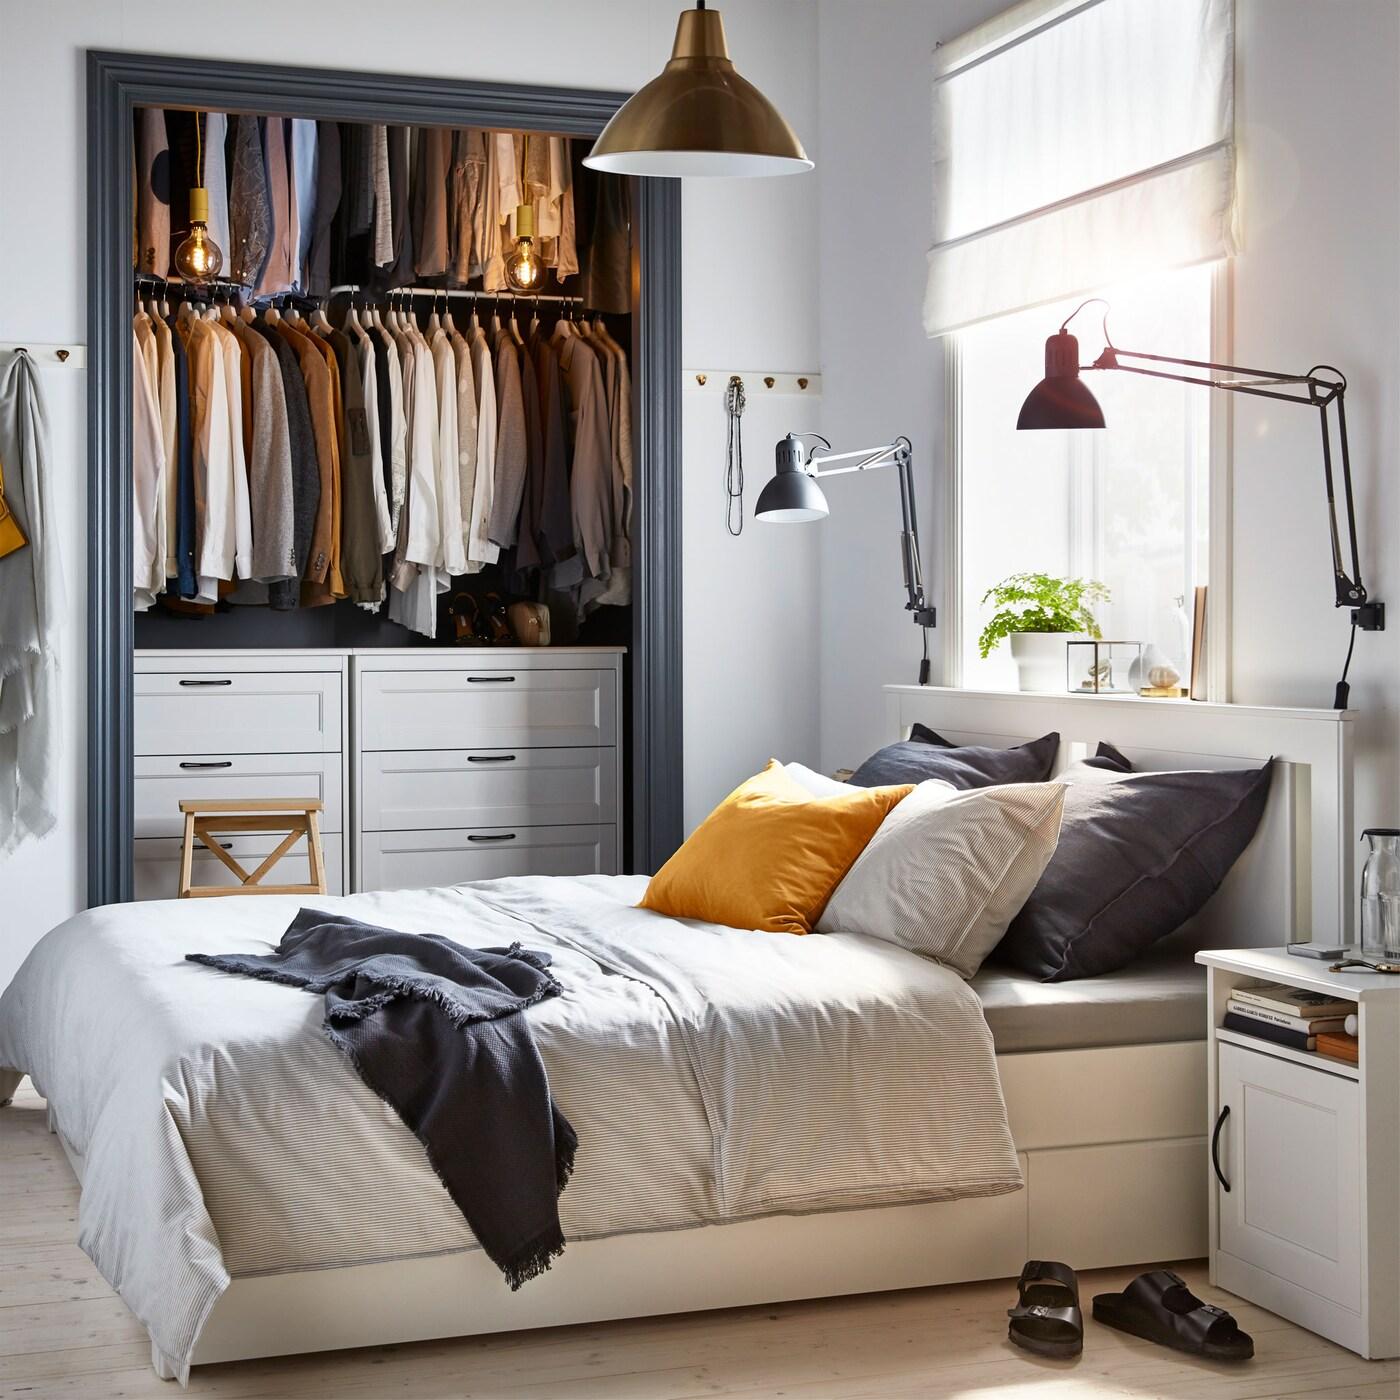 Fantastisch Geschmackvoll, Stilvoll Und Jede Menge Aufbewahrung U2013 Dieses Schlafzimmer  Ist Ein Alleskönner